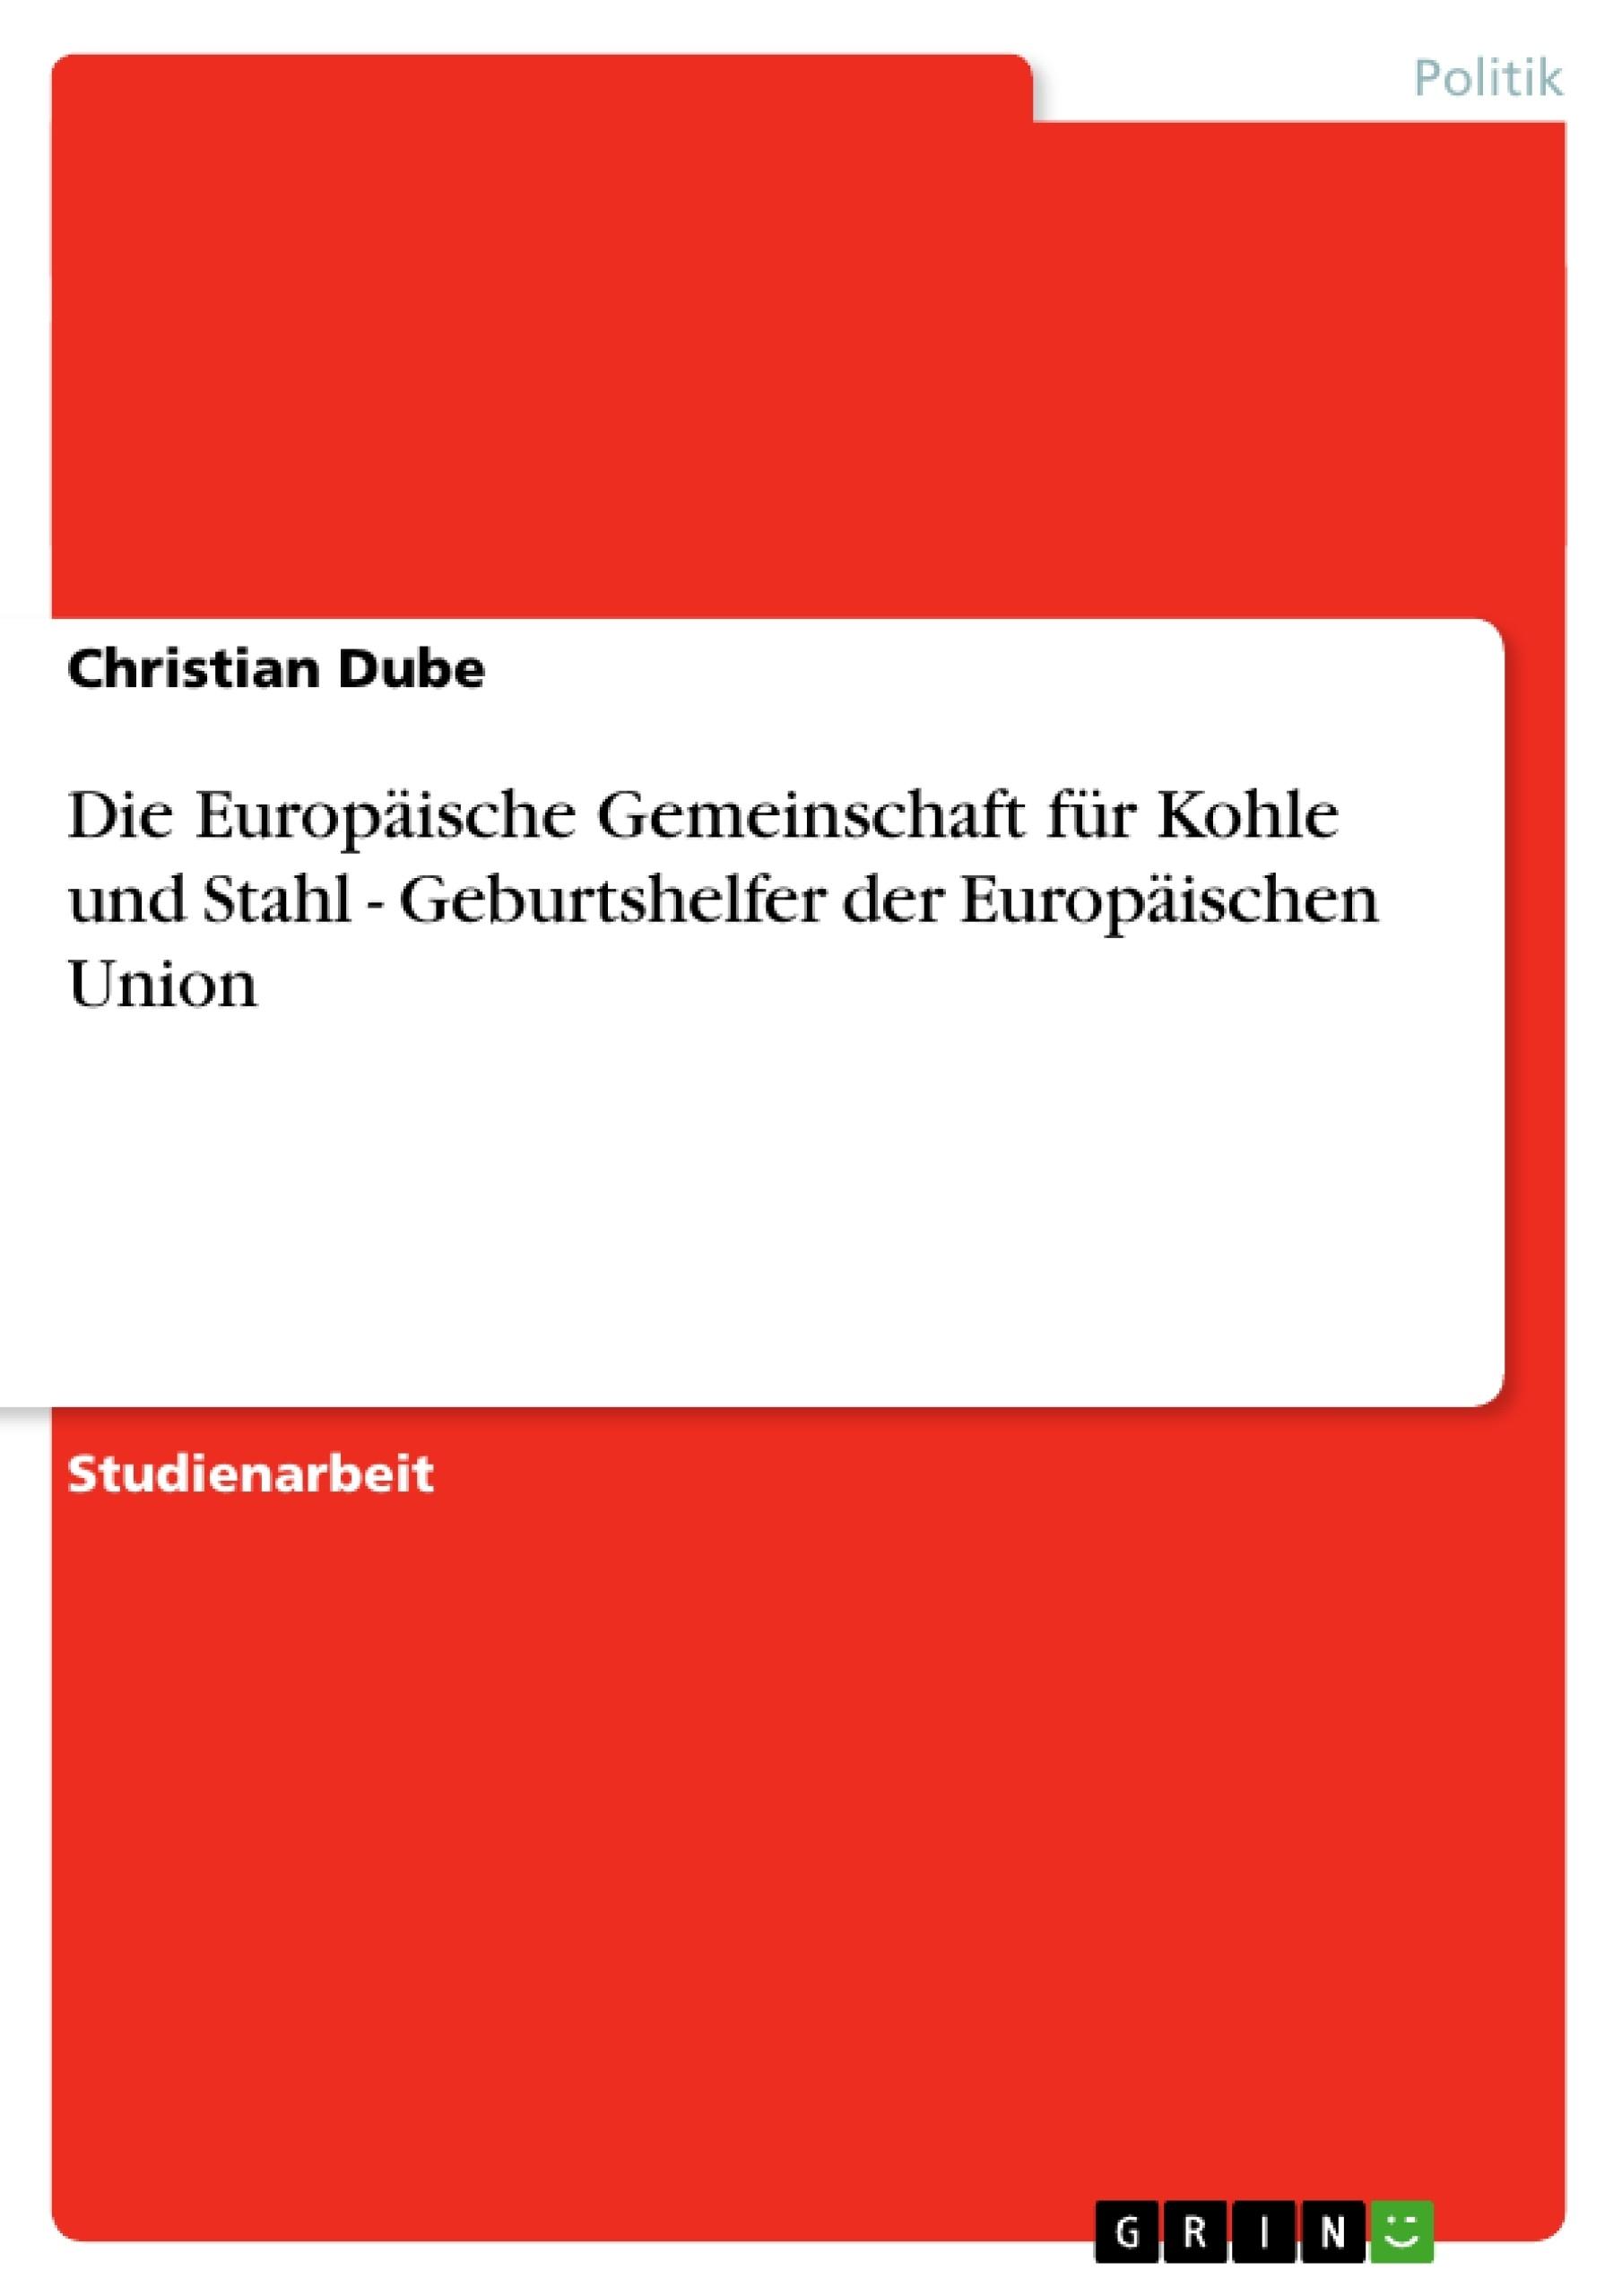 Titel: Die Europäische Gemeinschaft für Kohle und Stahl - Geburtshelfer der Europäischen Union